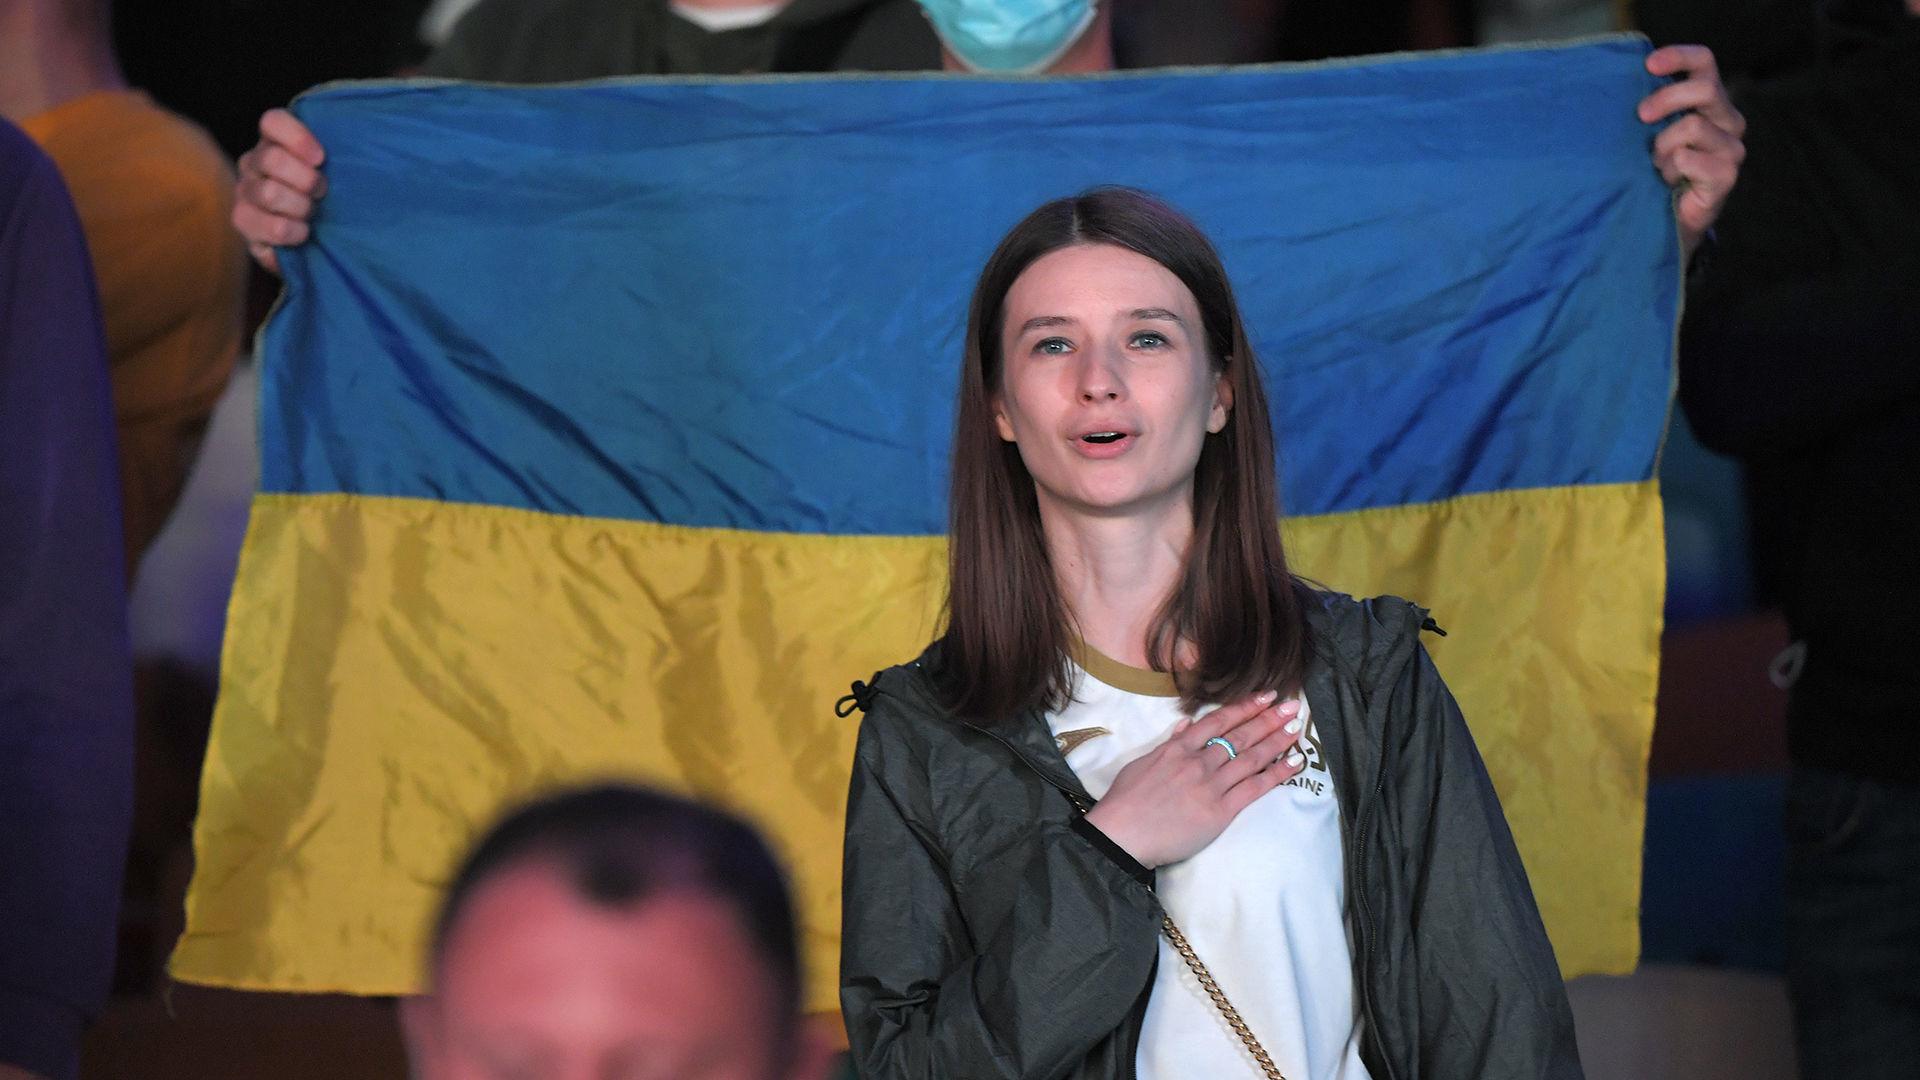 Евро 2020: 10 тысяч украинцев поддержали национальную сборную на Олимпийском - фото 3